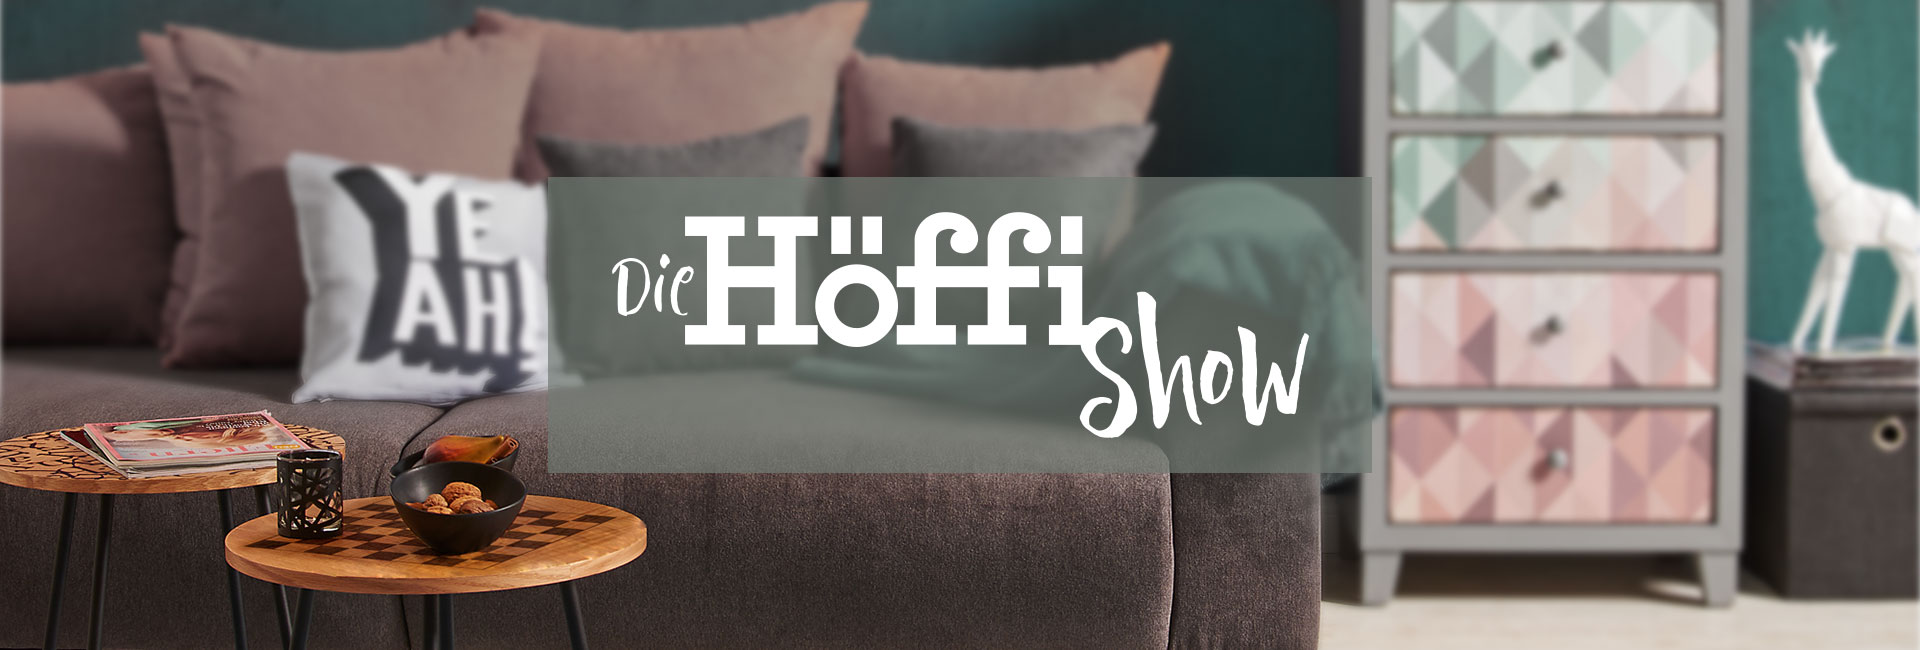 Die Höffi Show 1